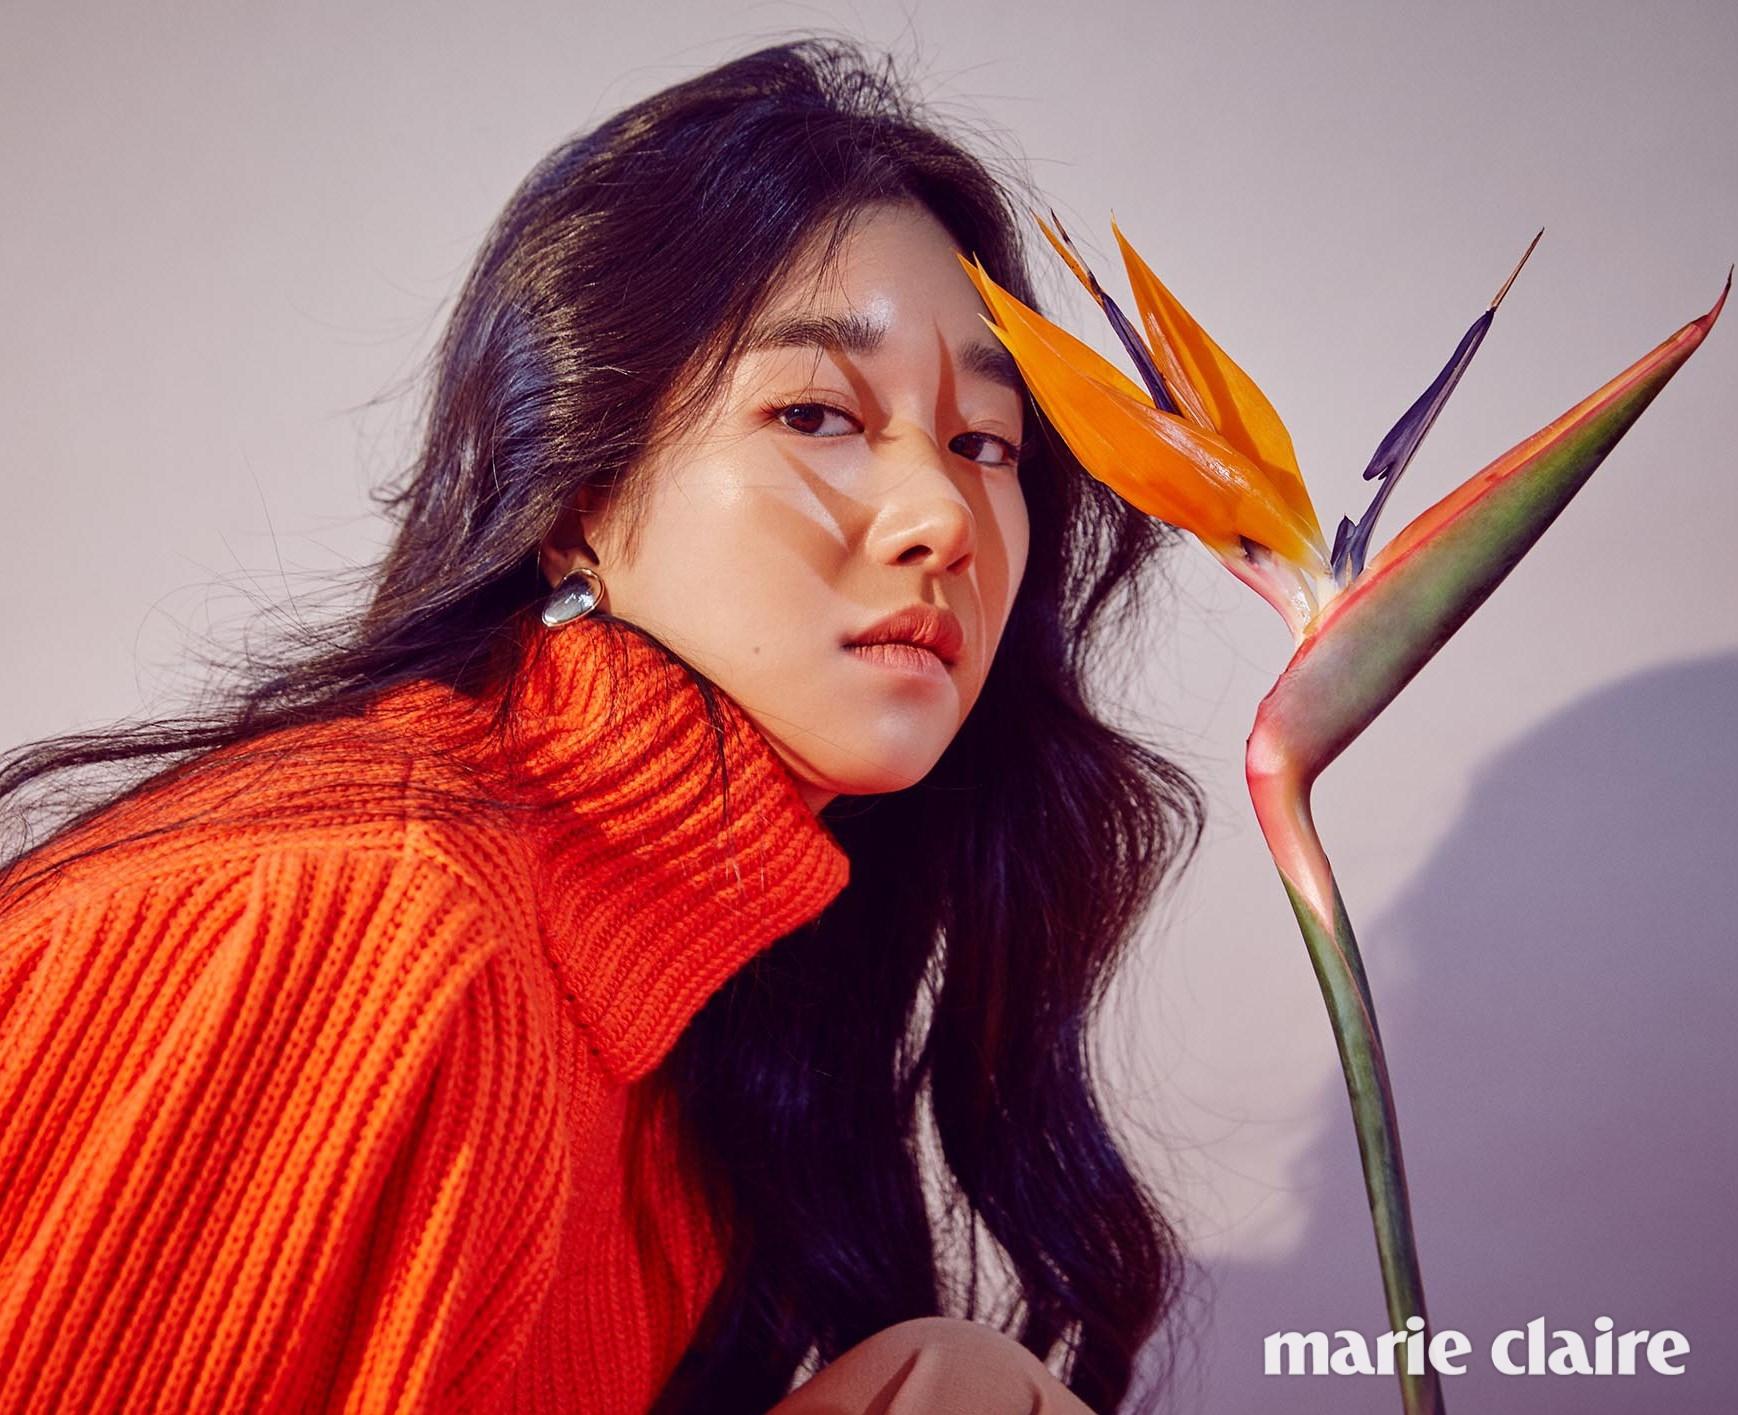 오렌지 퍼프소매 니트 풀오버 디올(Dior), 이어링 제이미 앤 벨(Jamie & Bell)